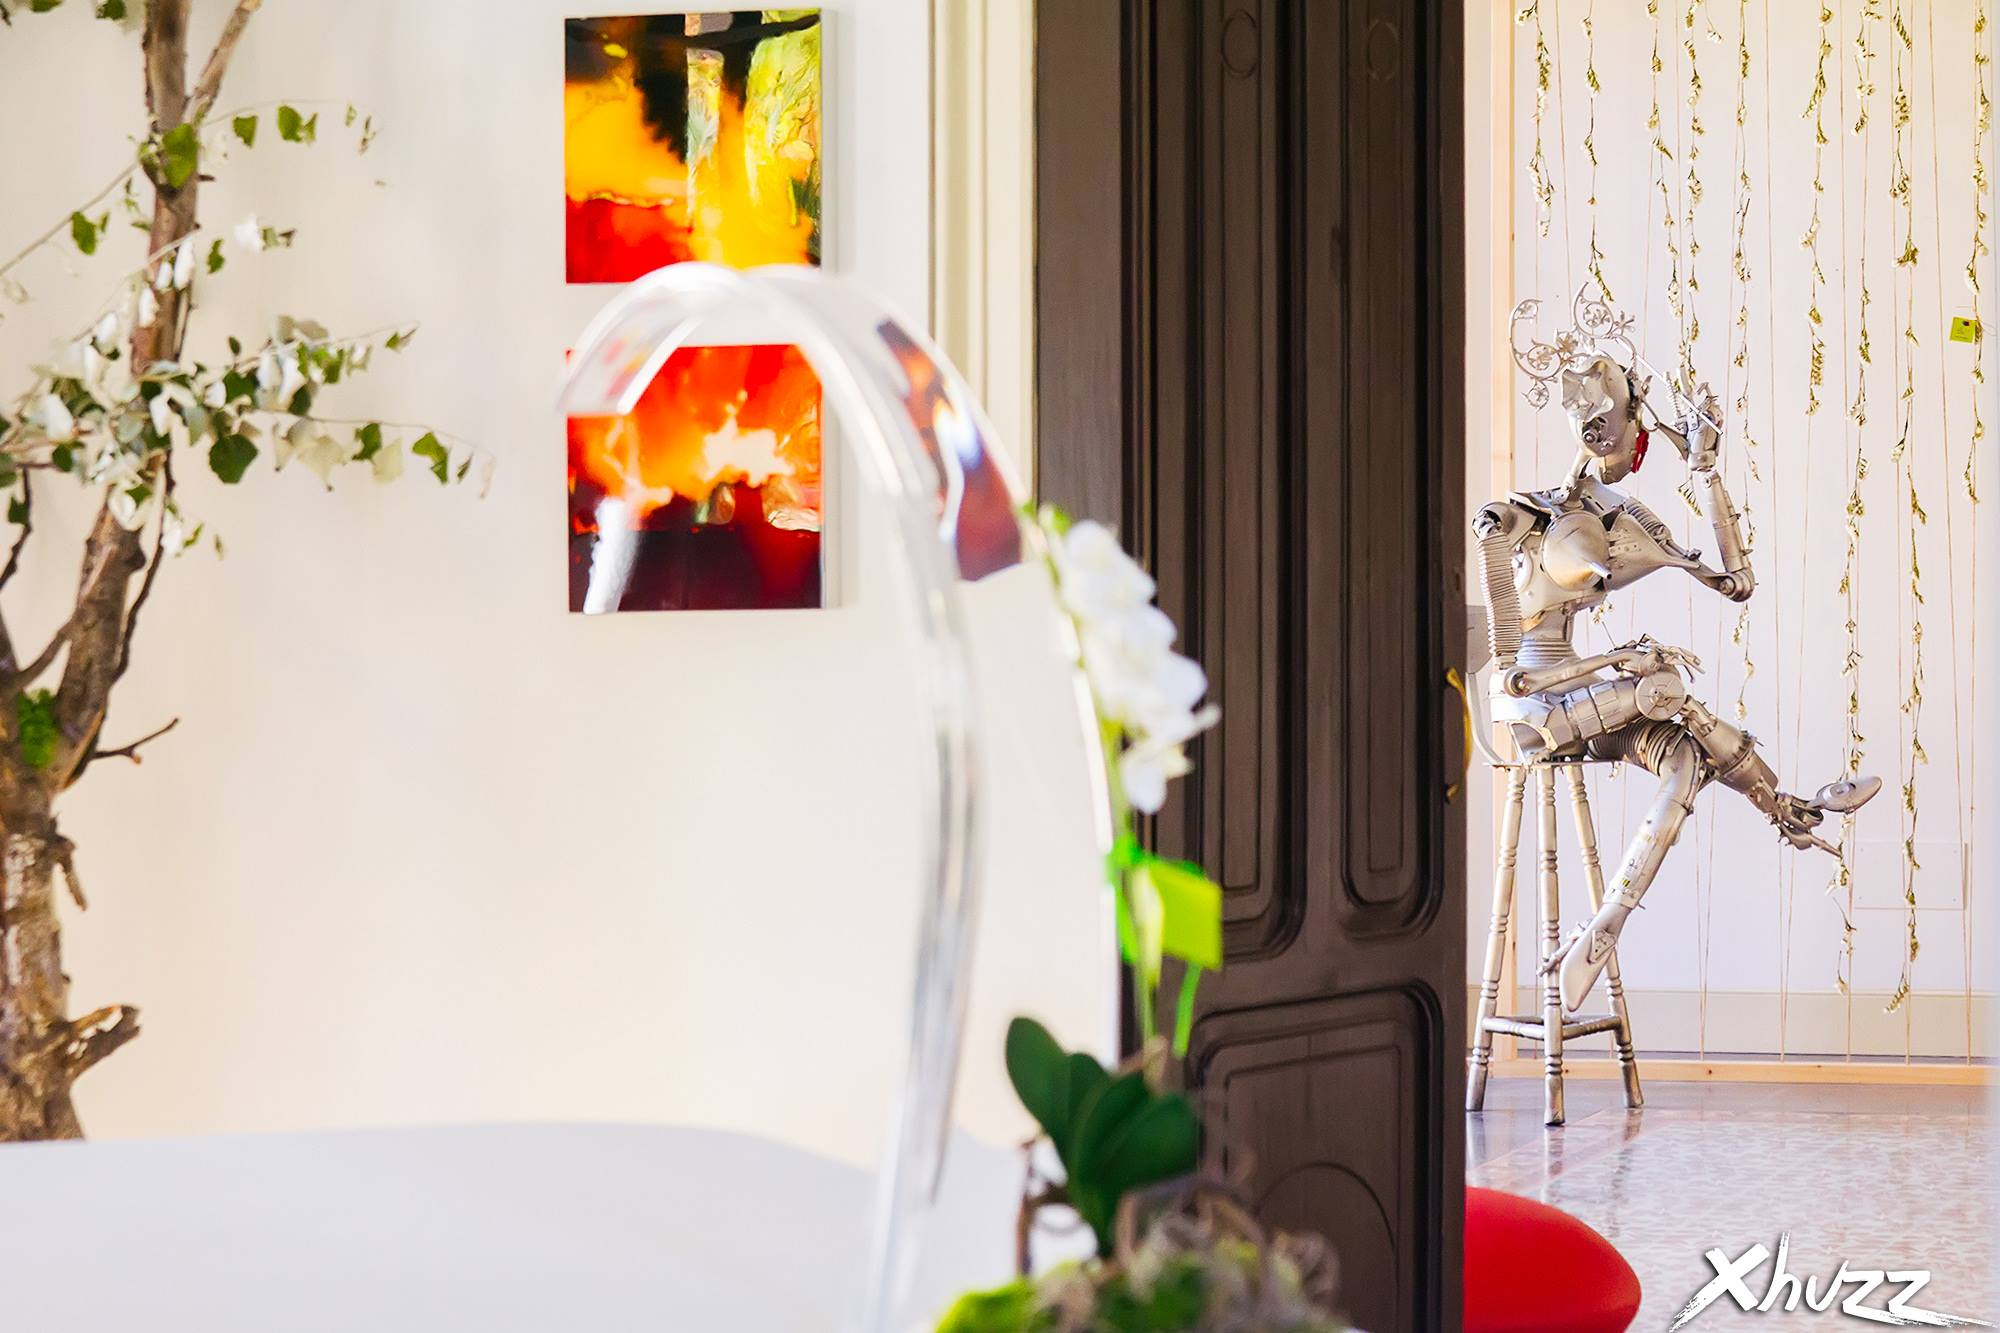 Inttop lorca 1 muestra de dise o interior en casa - Decoradores en murcia ...